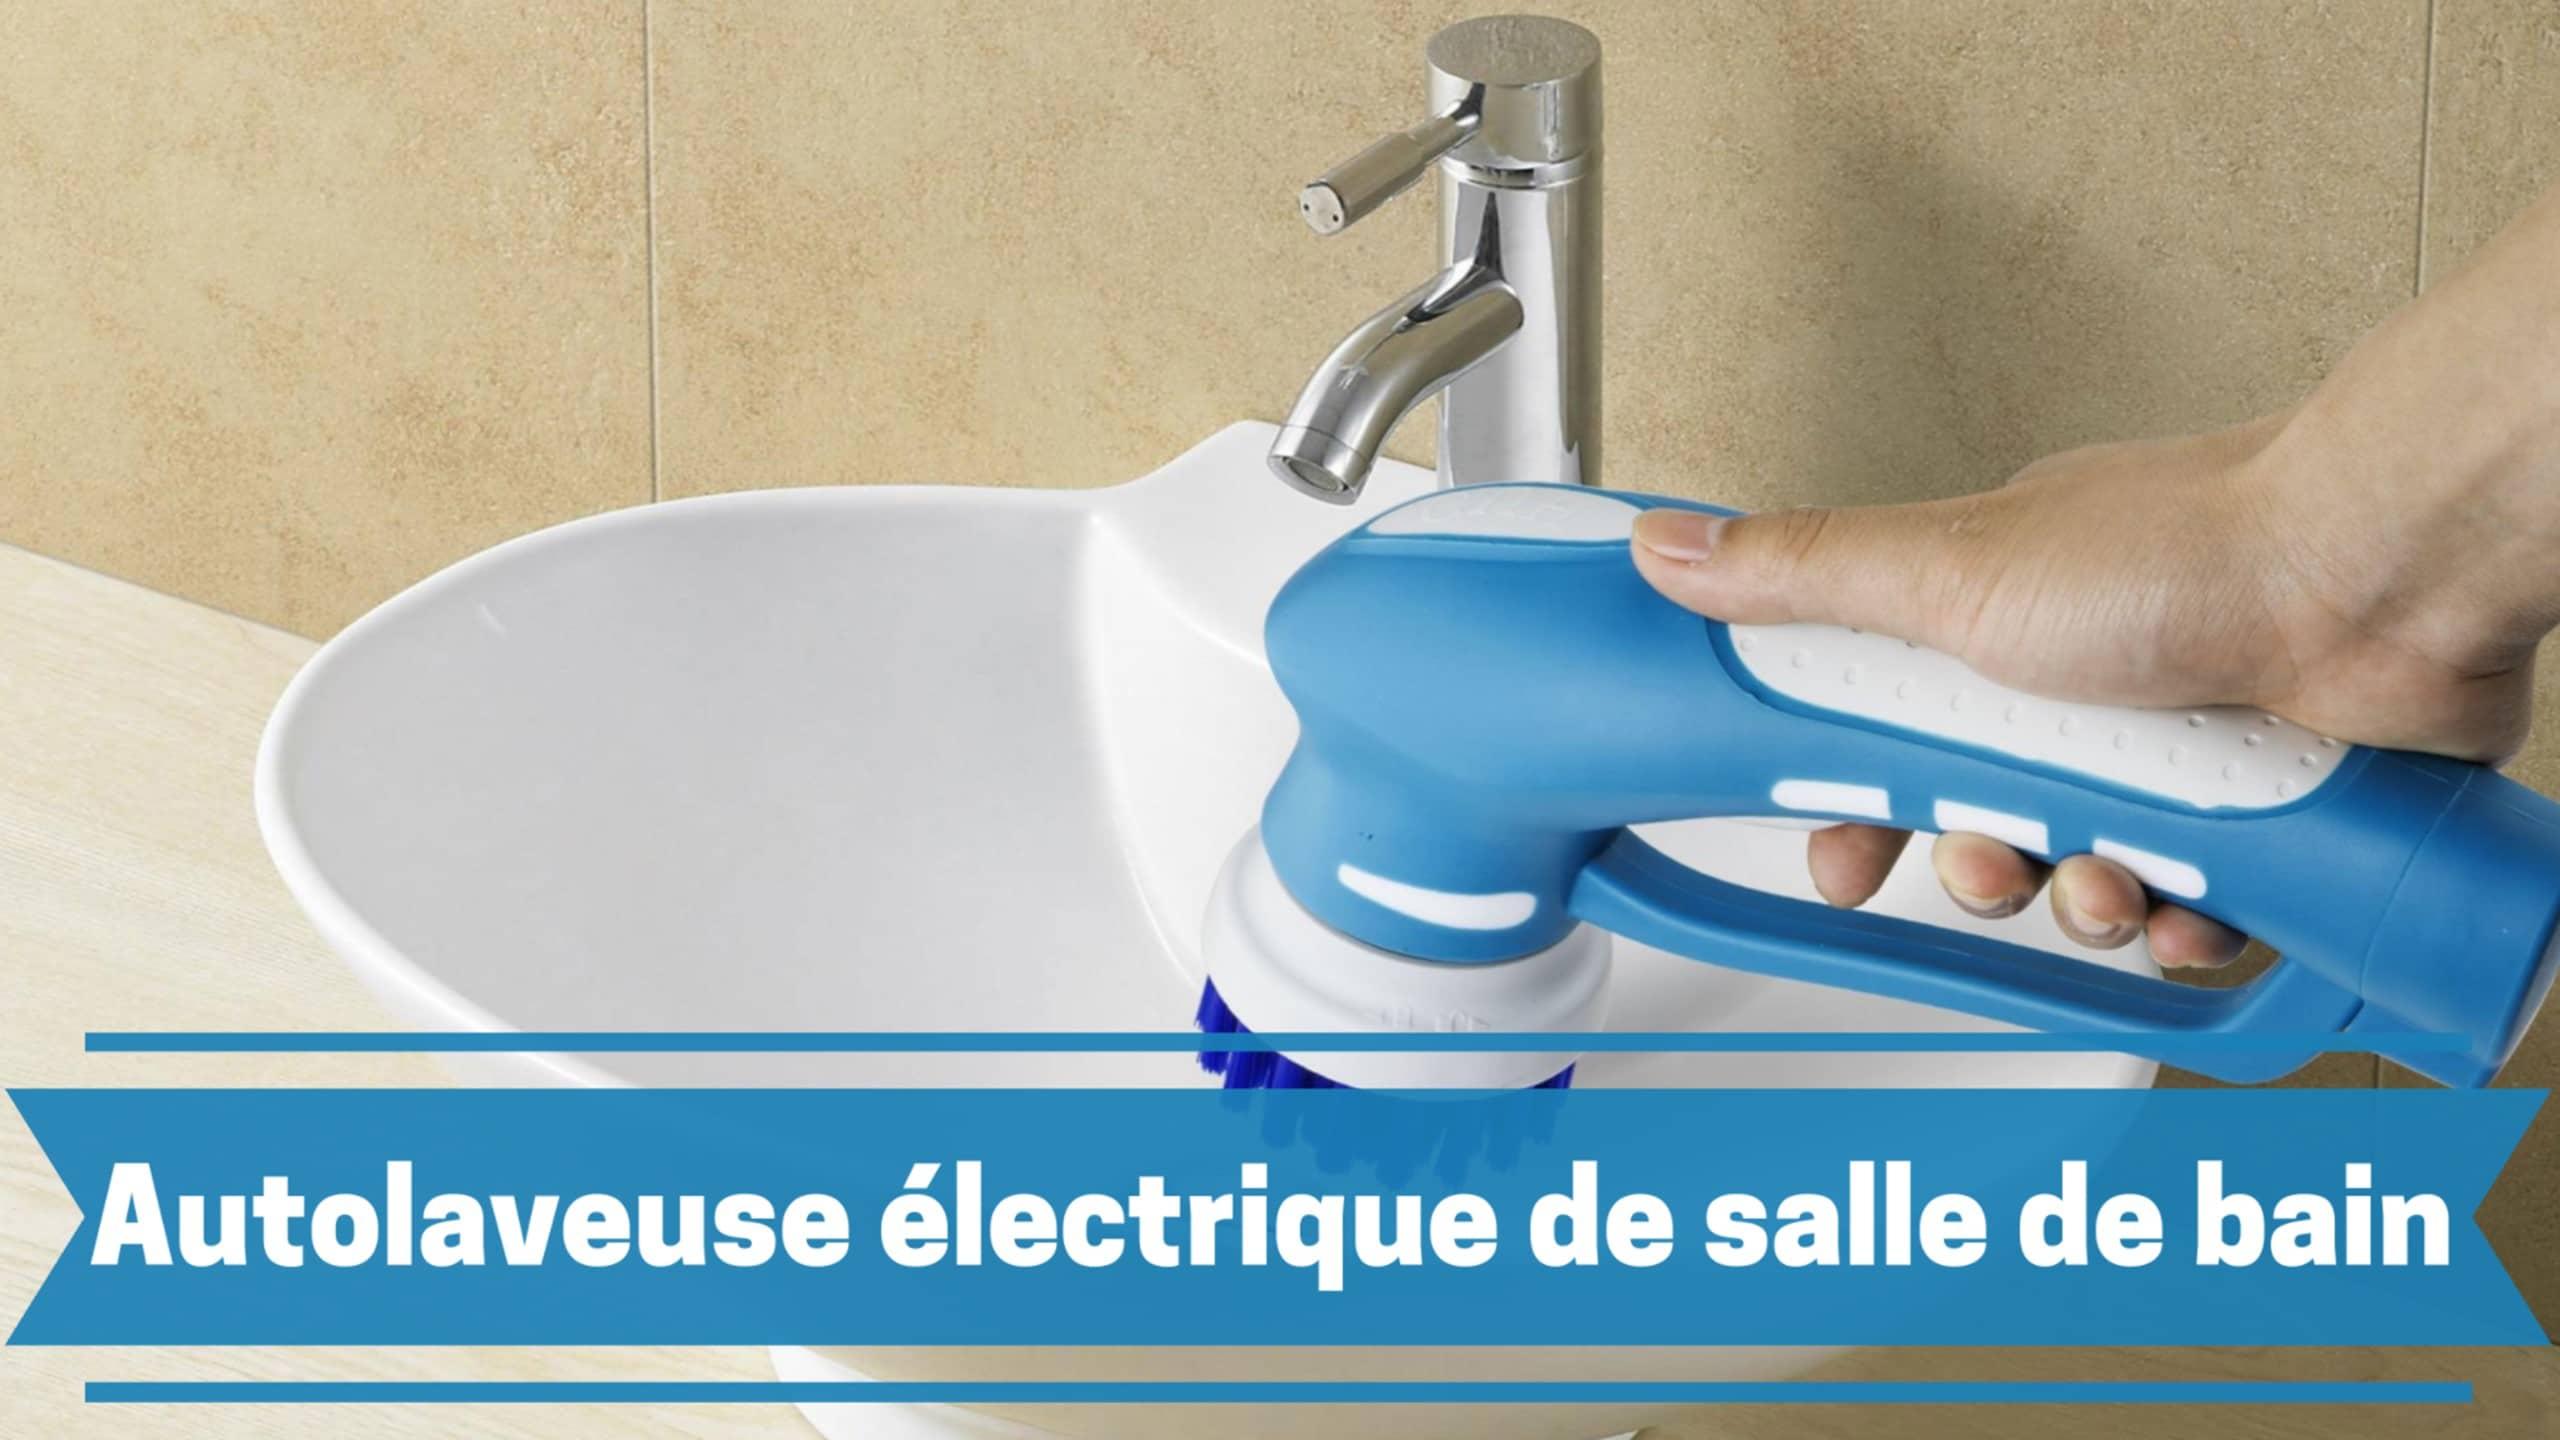 Meilleure autolaveuse électrique de salle de bain comparatif guide achat avis